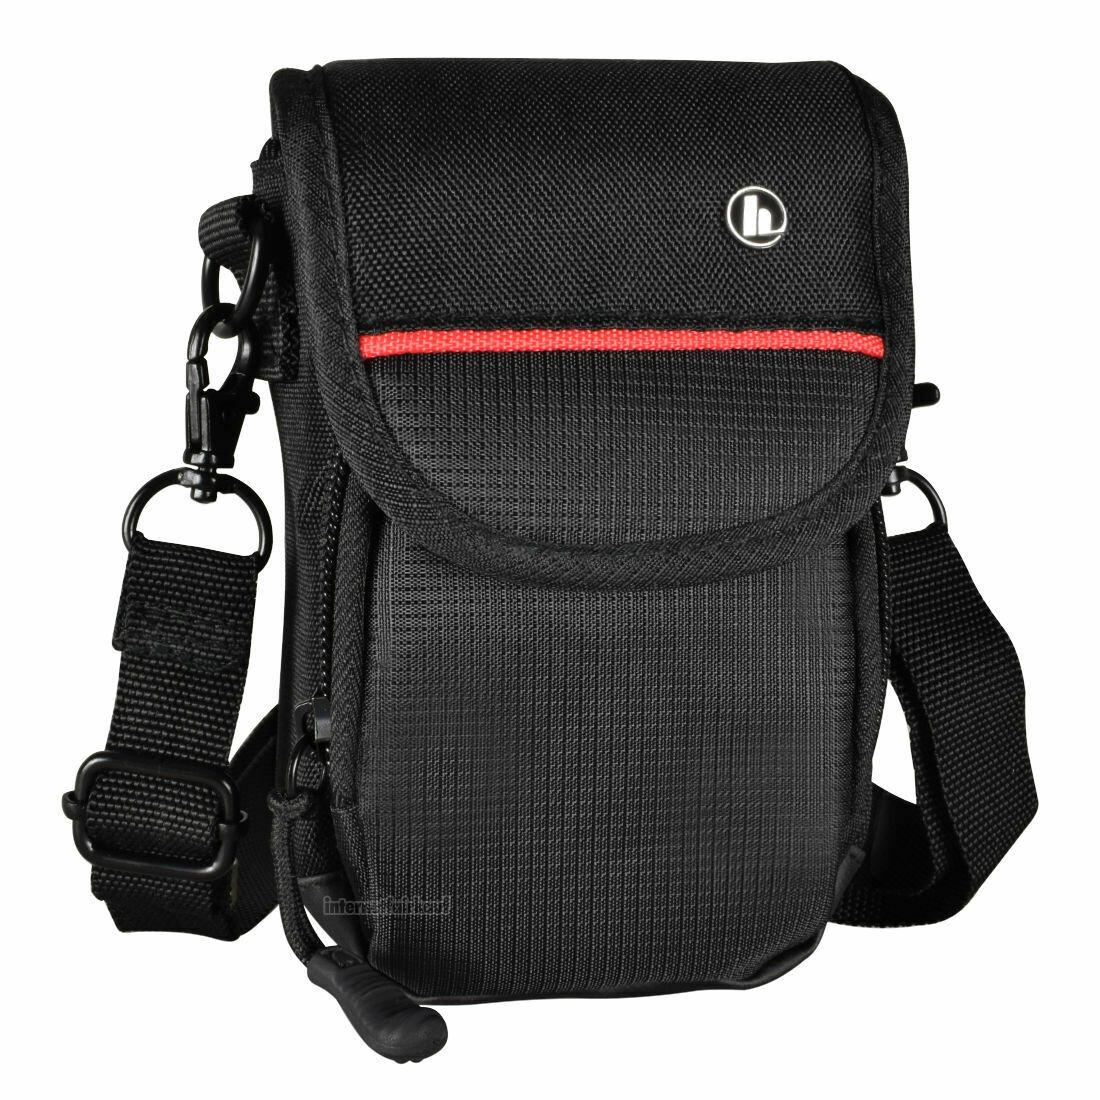 Kameratasche Fototasche passend für Sony Cyber-shot DSC-WX500